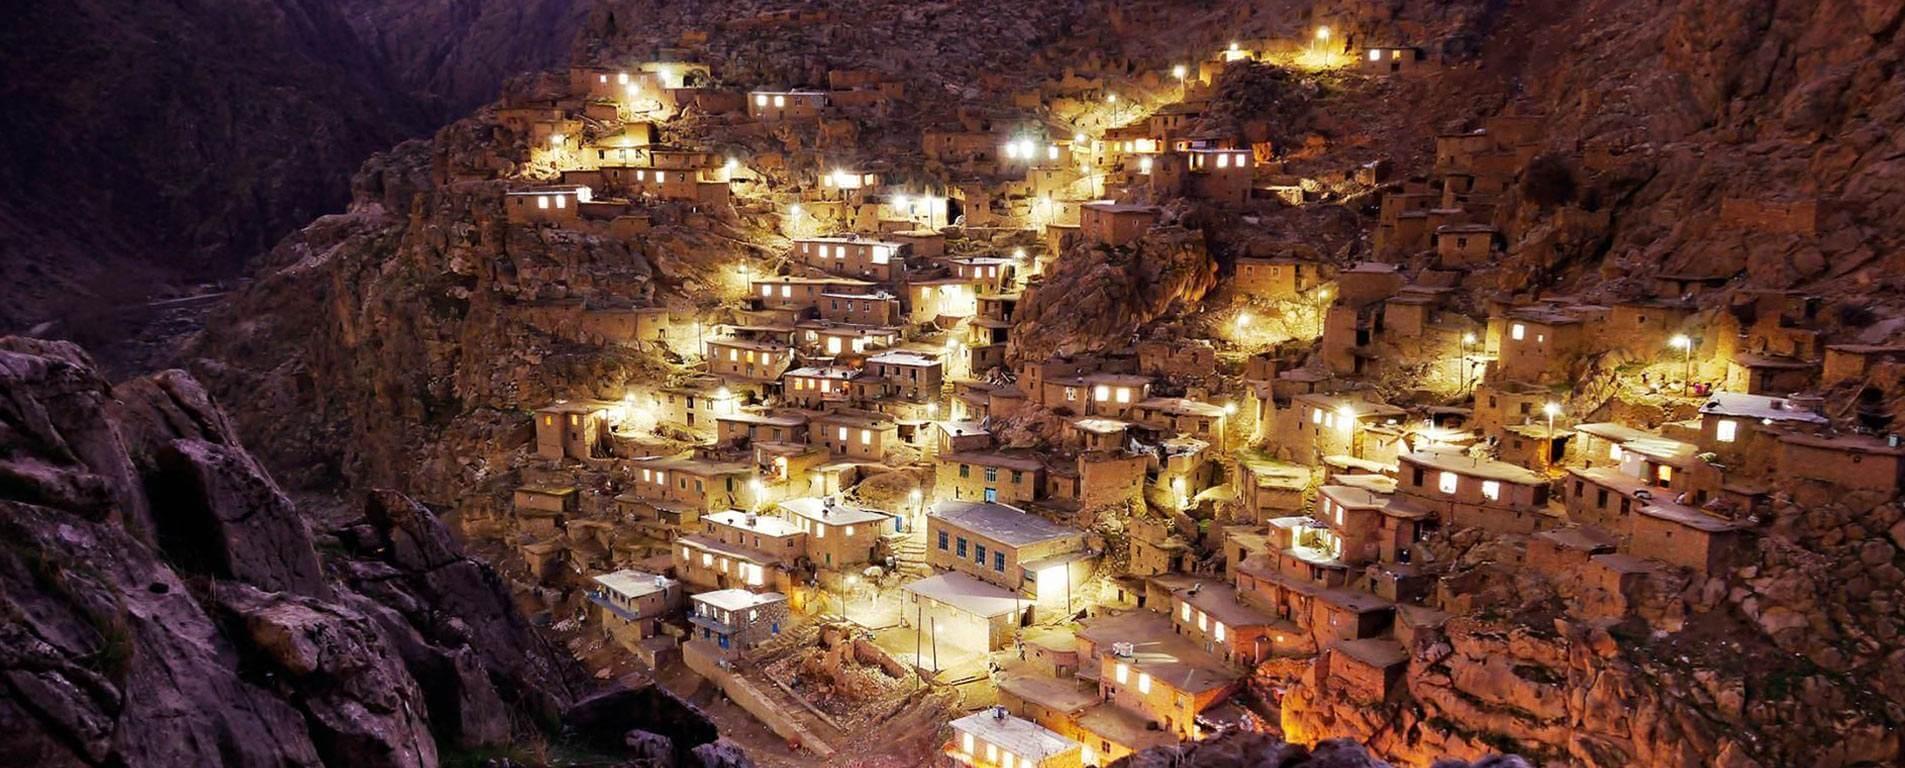 شب روستای پالنگان